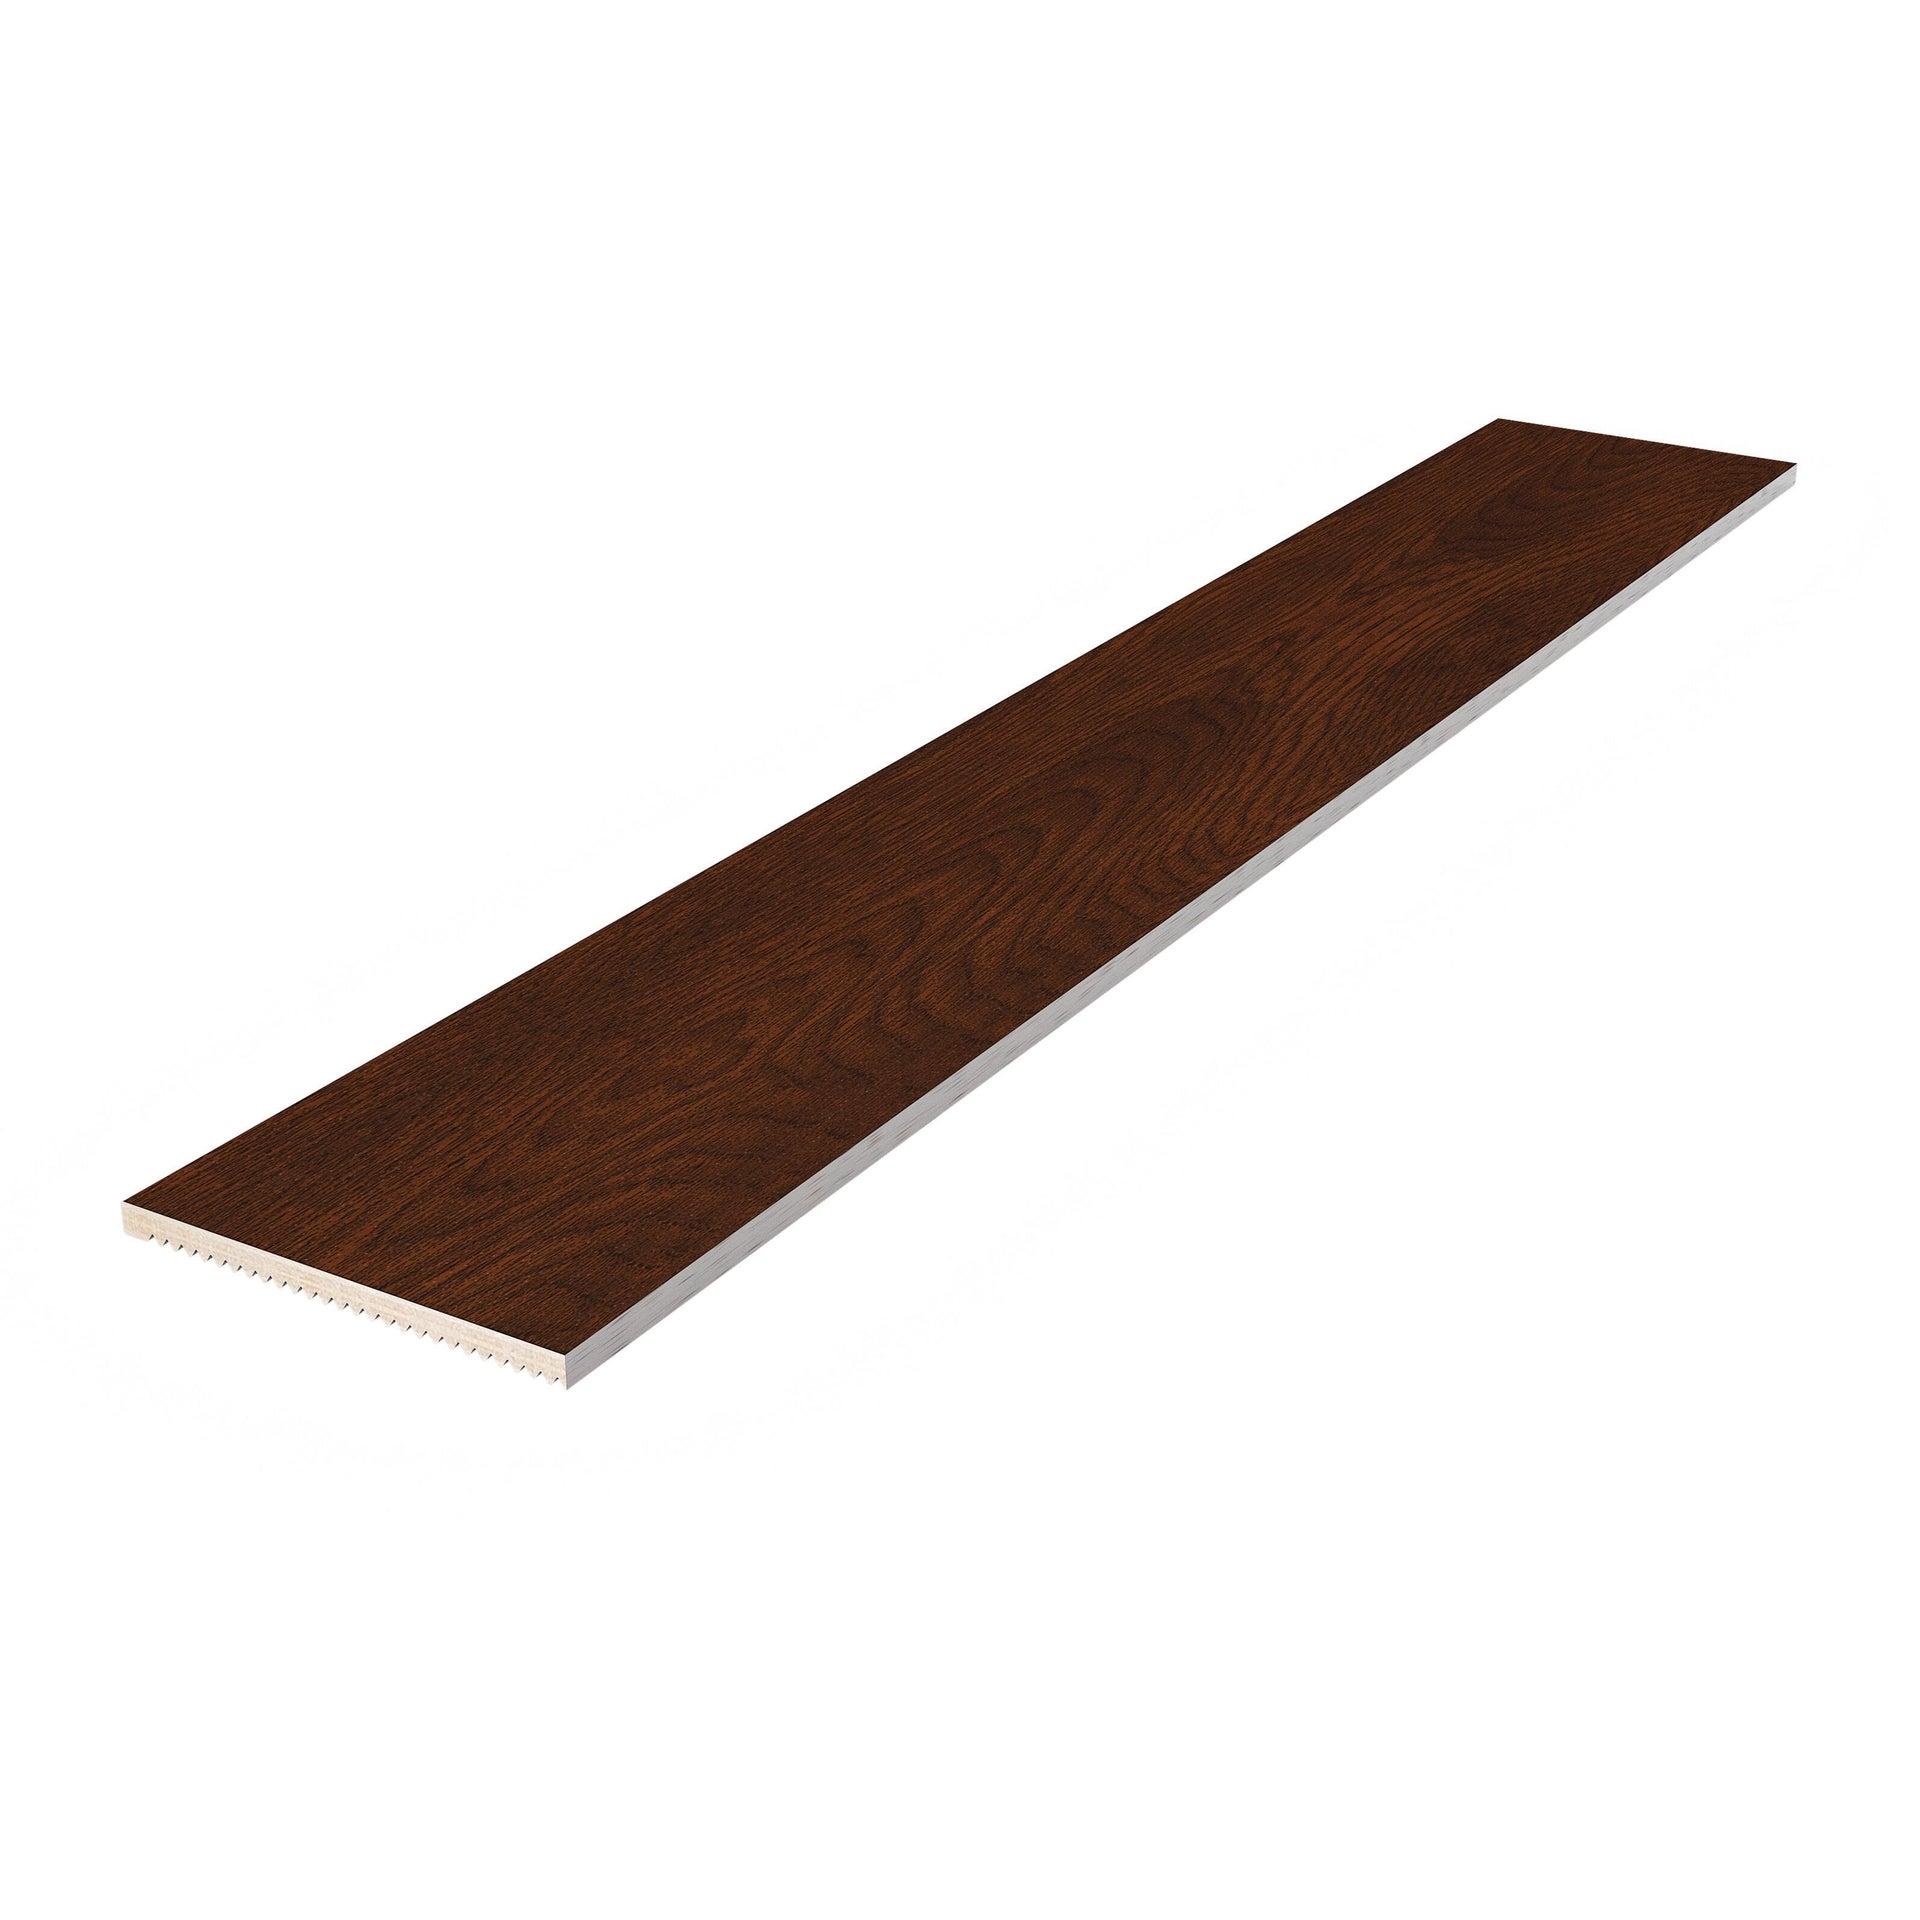 Coprifilo in legno  noce L 3000 x P 30 x H 40 mm